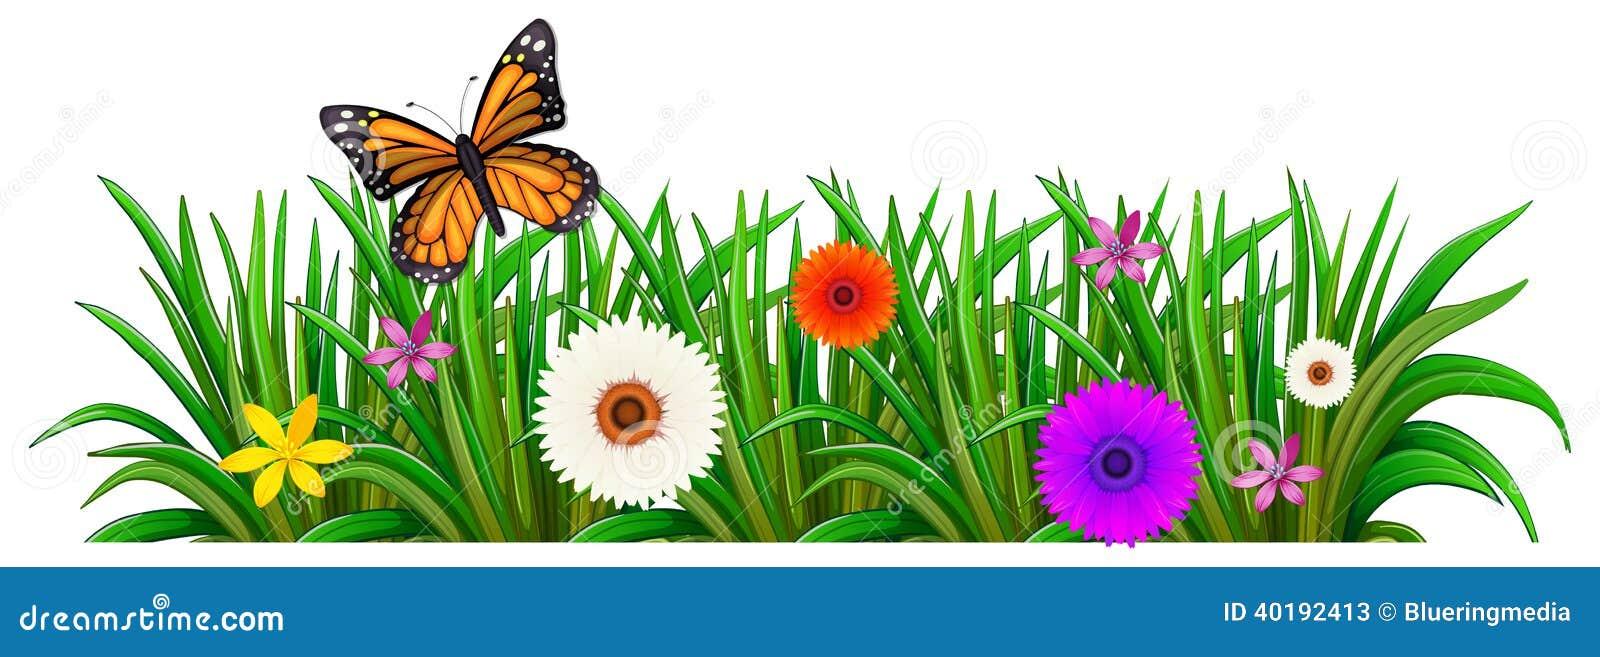 Un Jardín Con Flores Florecientes Y Una Mariposa